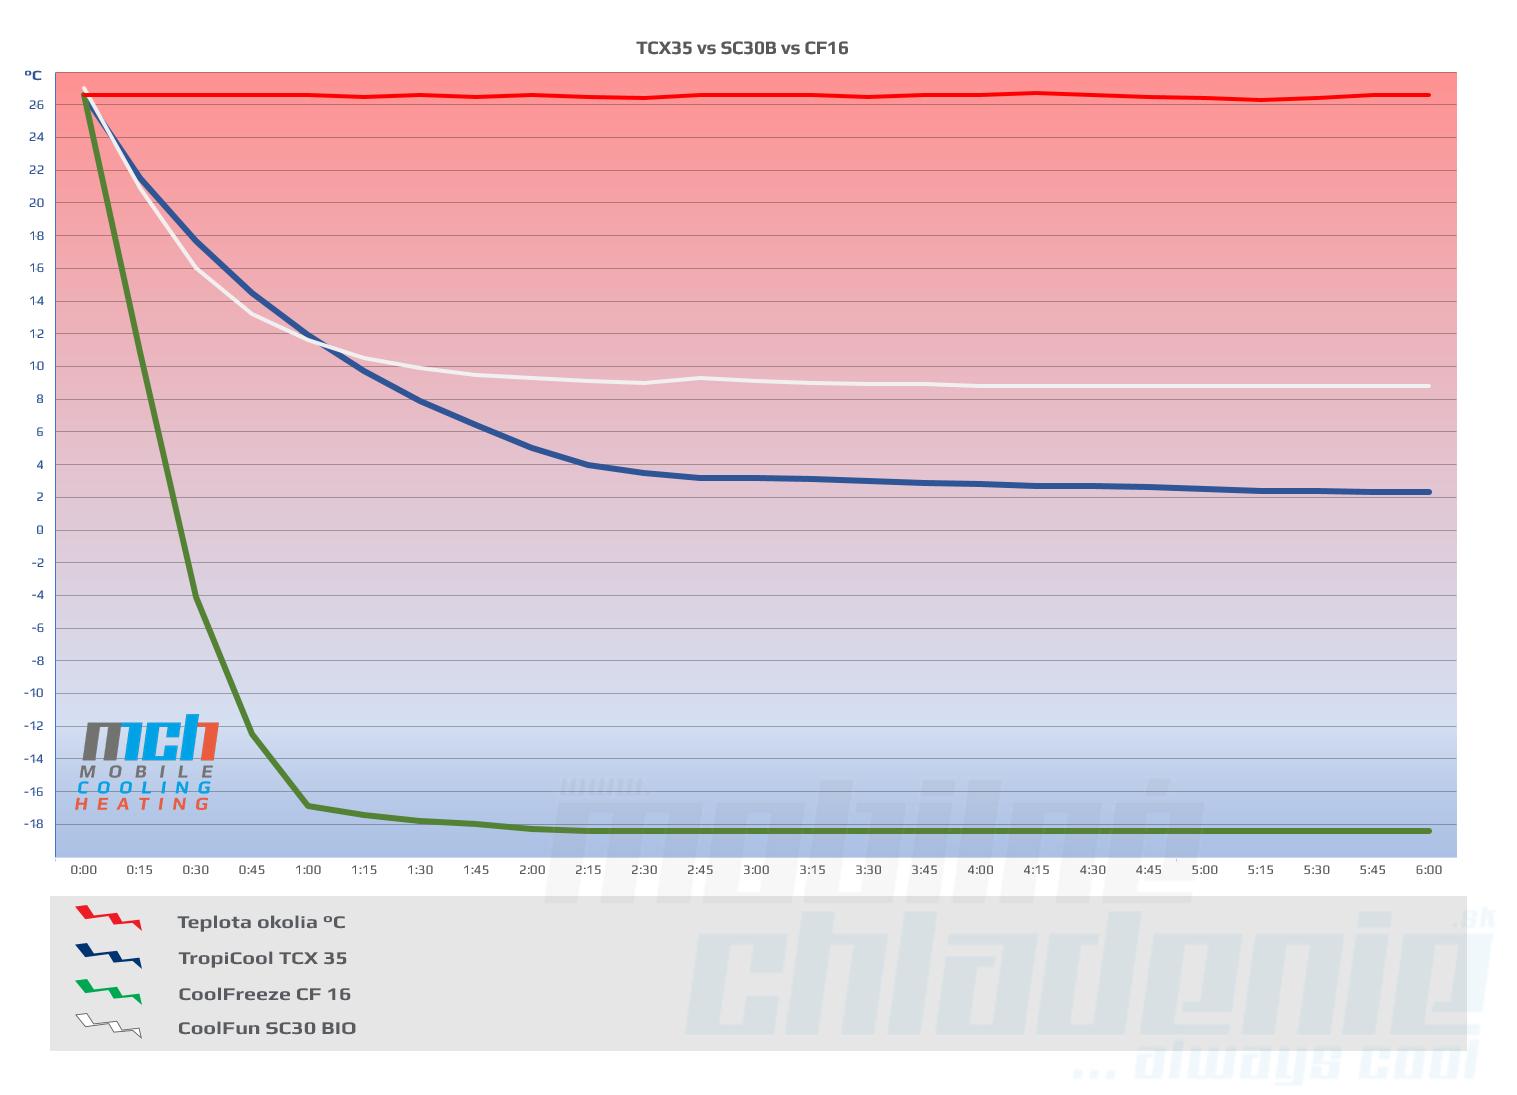 TCX35 vs CF16 vs SC30BIO Test